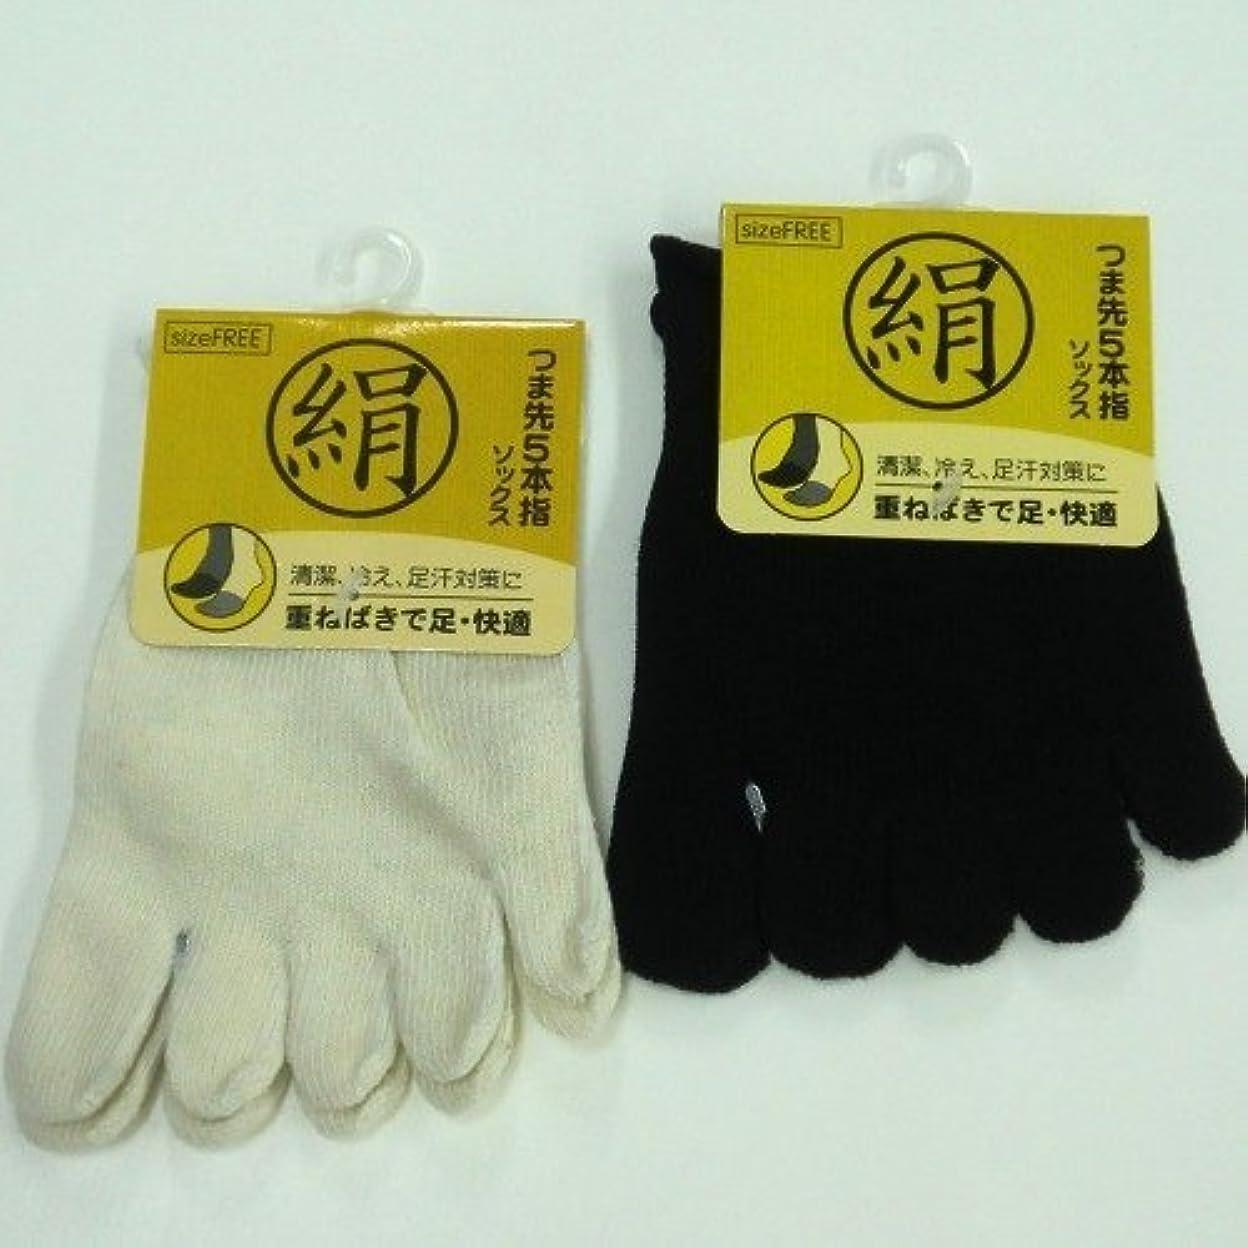 恐怖症虫を数えるネイティブシルク 5本指ハーフソックス 足指カバー 天然素材絹で抗菌防臭 4足組